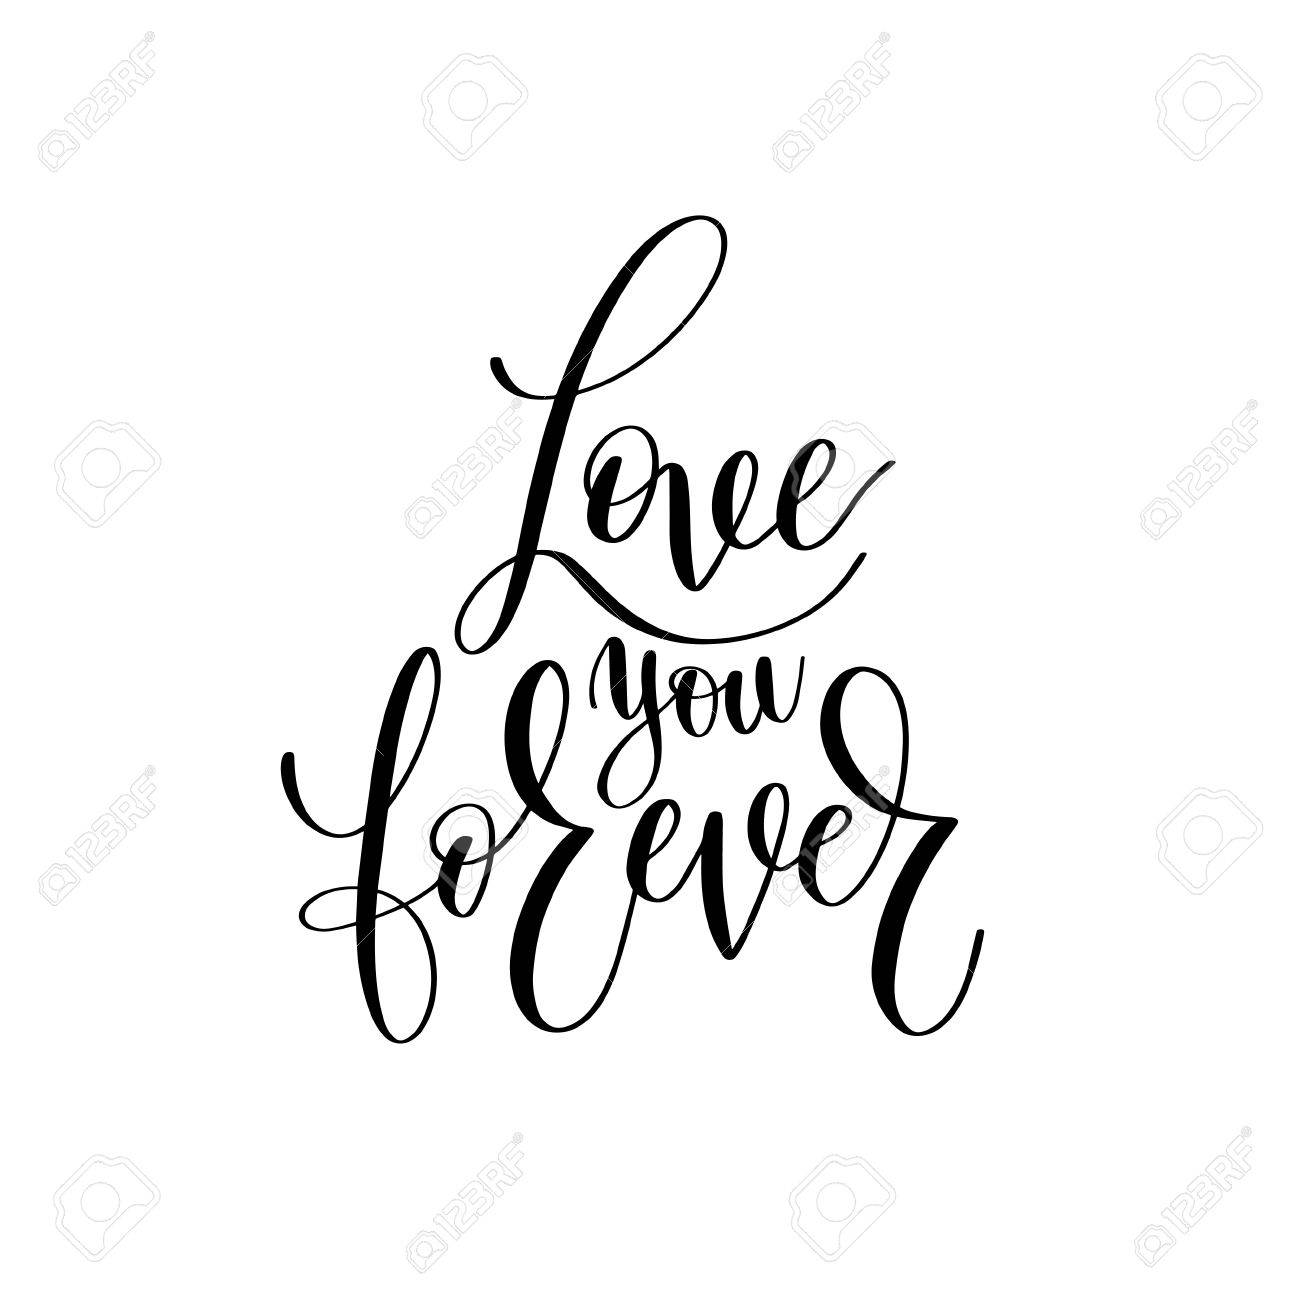 Te Amo Por Siempre Letras En Blanco Y Negro Letra Escrita Romántica